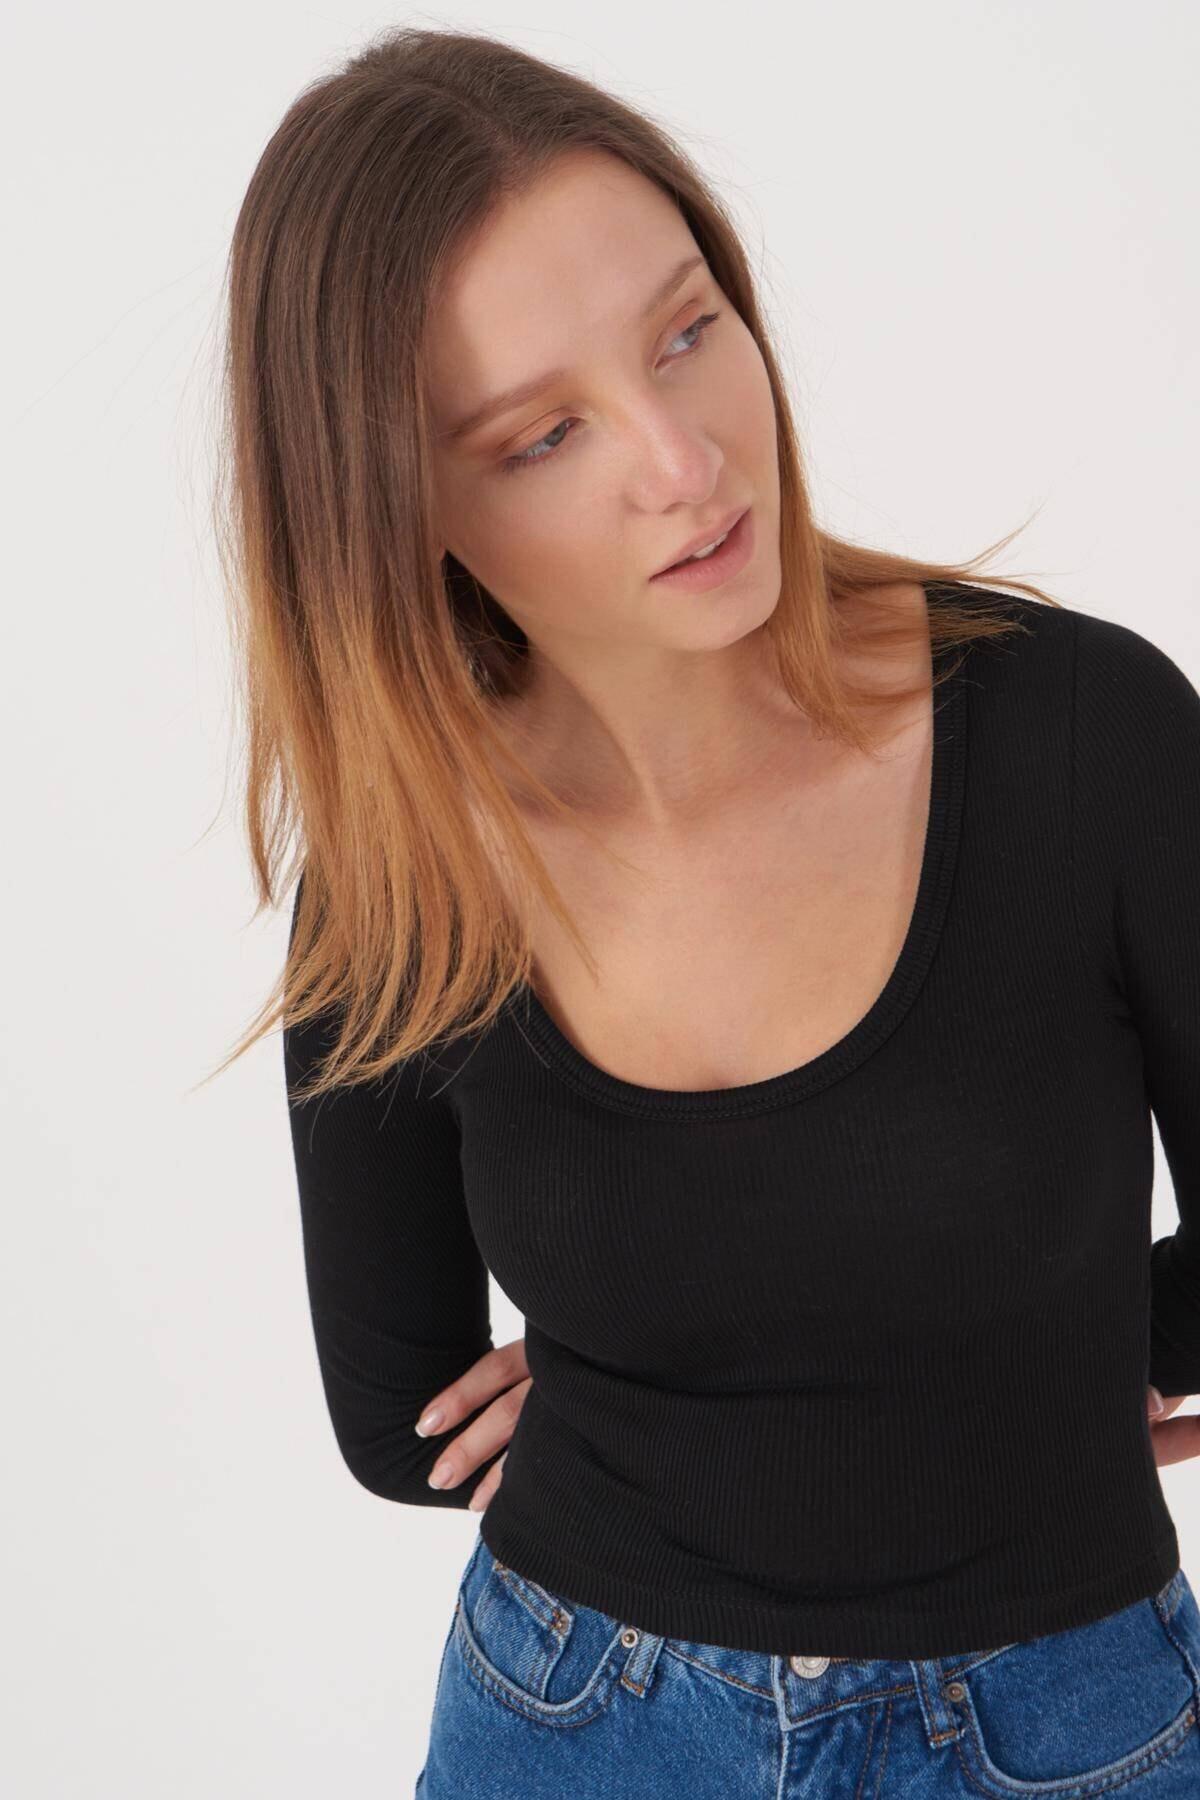 Addax Kadın Siyah Basic Bluz B1090 - T13 ADX-0000023405 4